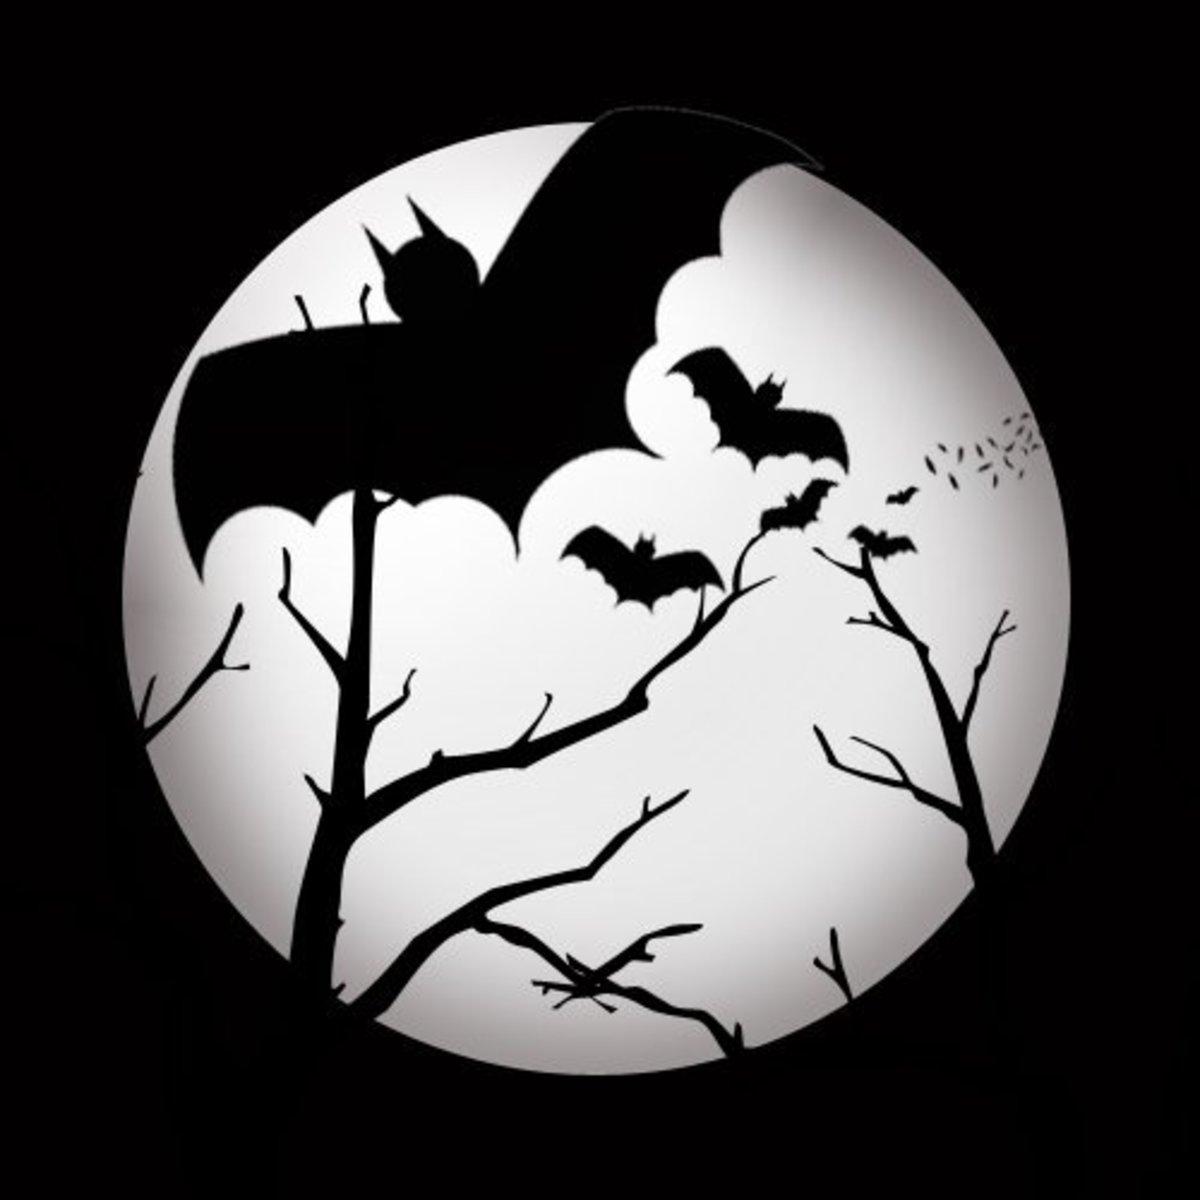 Spooky vampire bats silhouette in full moon.